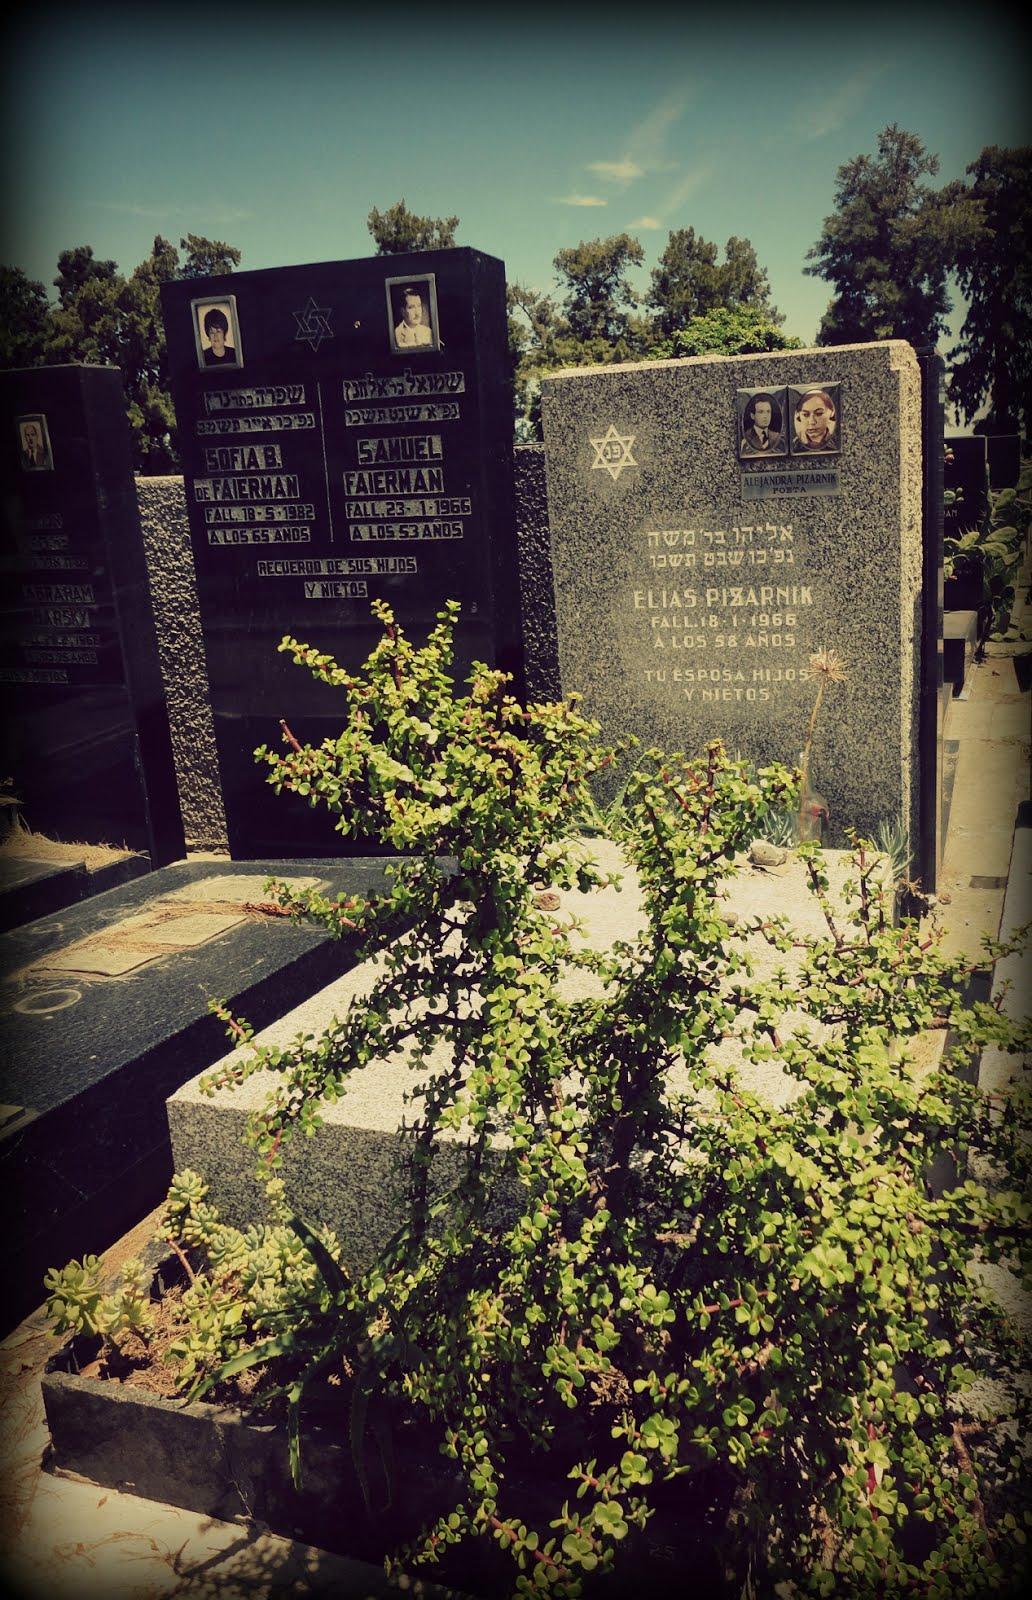 La tumba de Alejandra Pizarnik